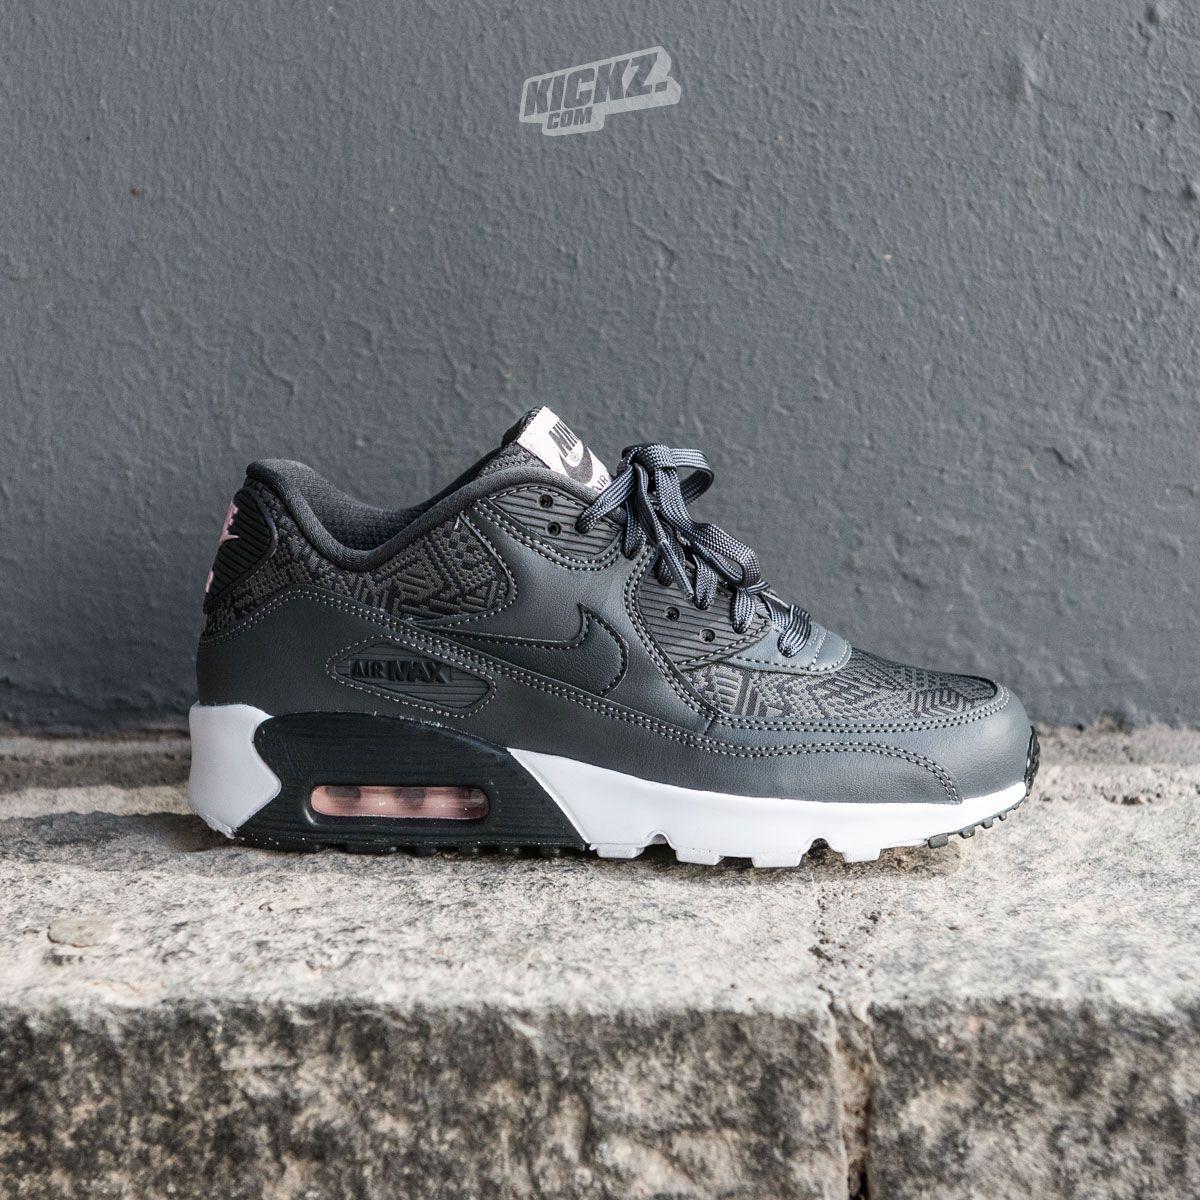 los angeles 9e455 223ad Nike Air Max 90 SE Mesh for ladies. (dark greyanthracite)  kickz.com